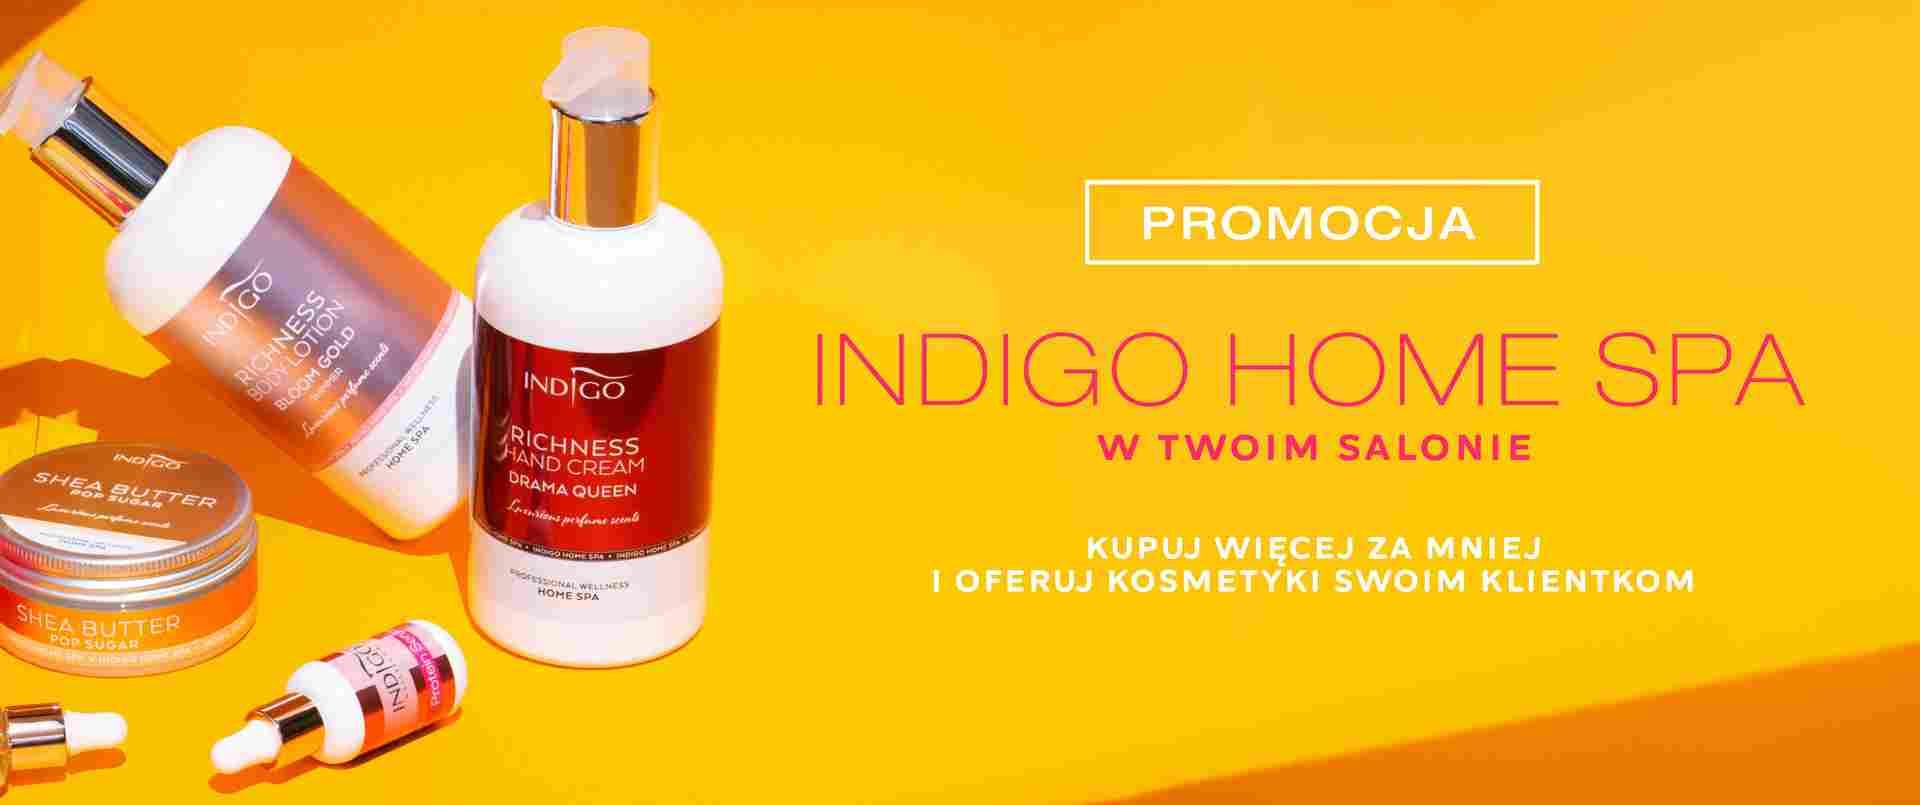 Promocja Indigo Home Spa w Twoim Salonie